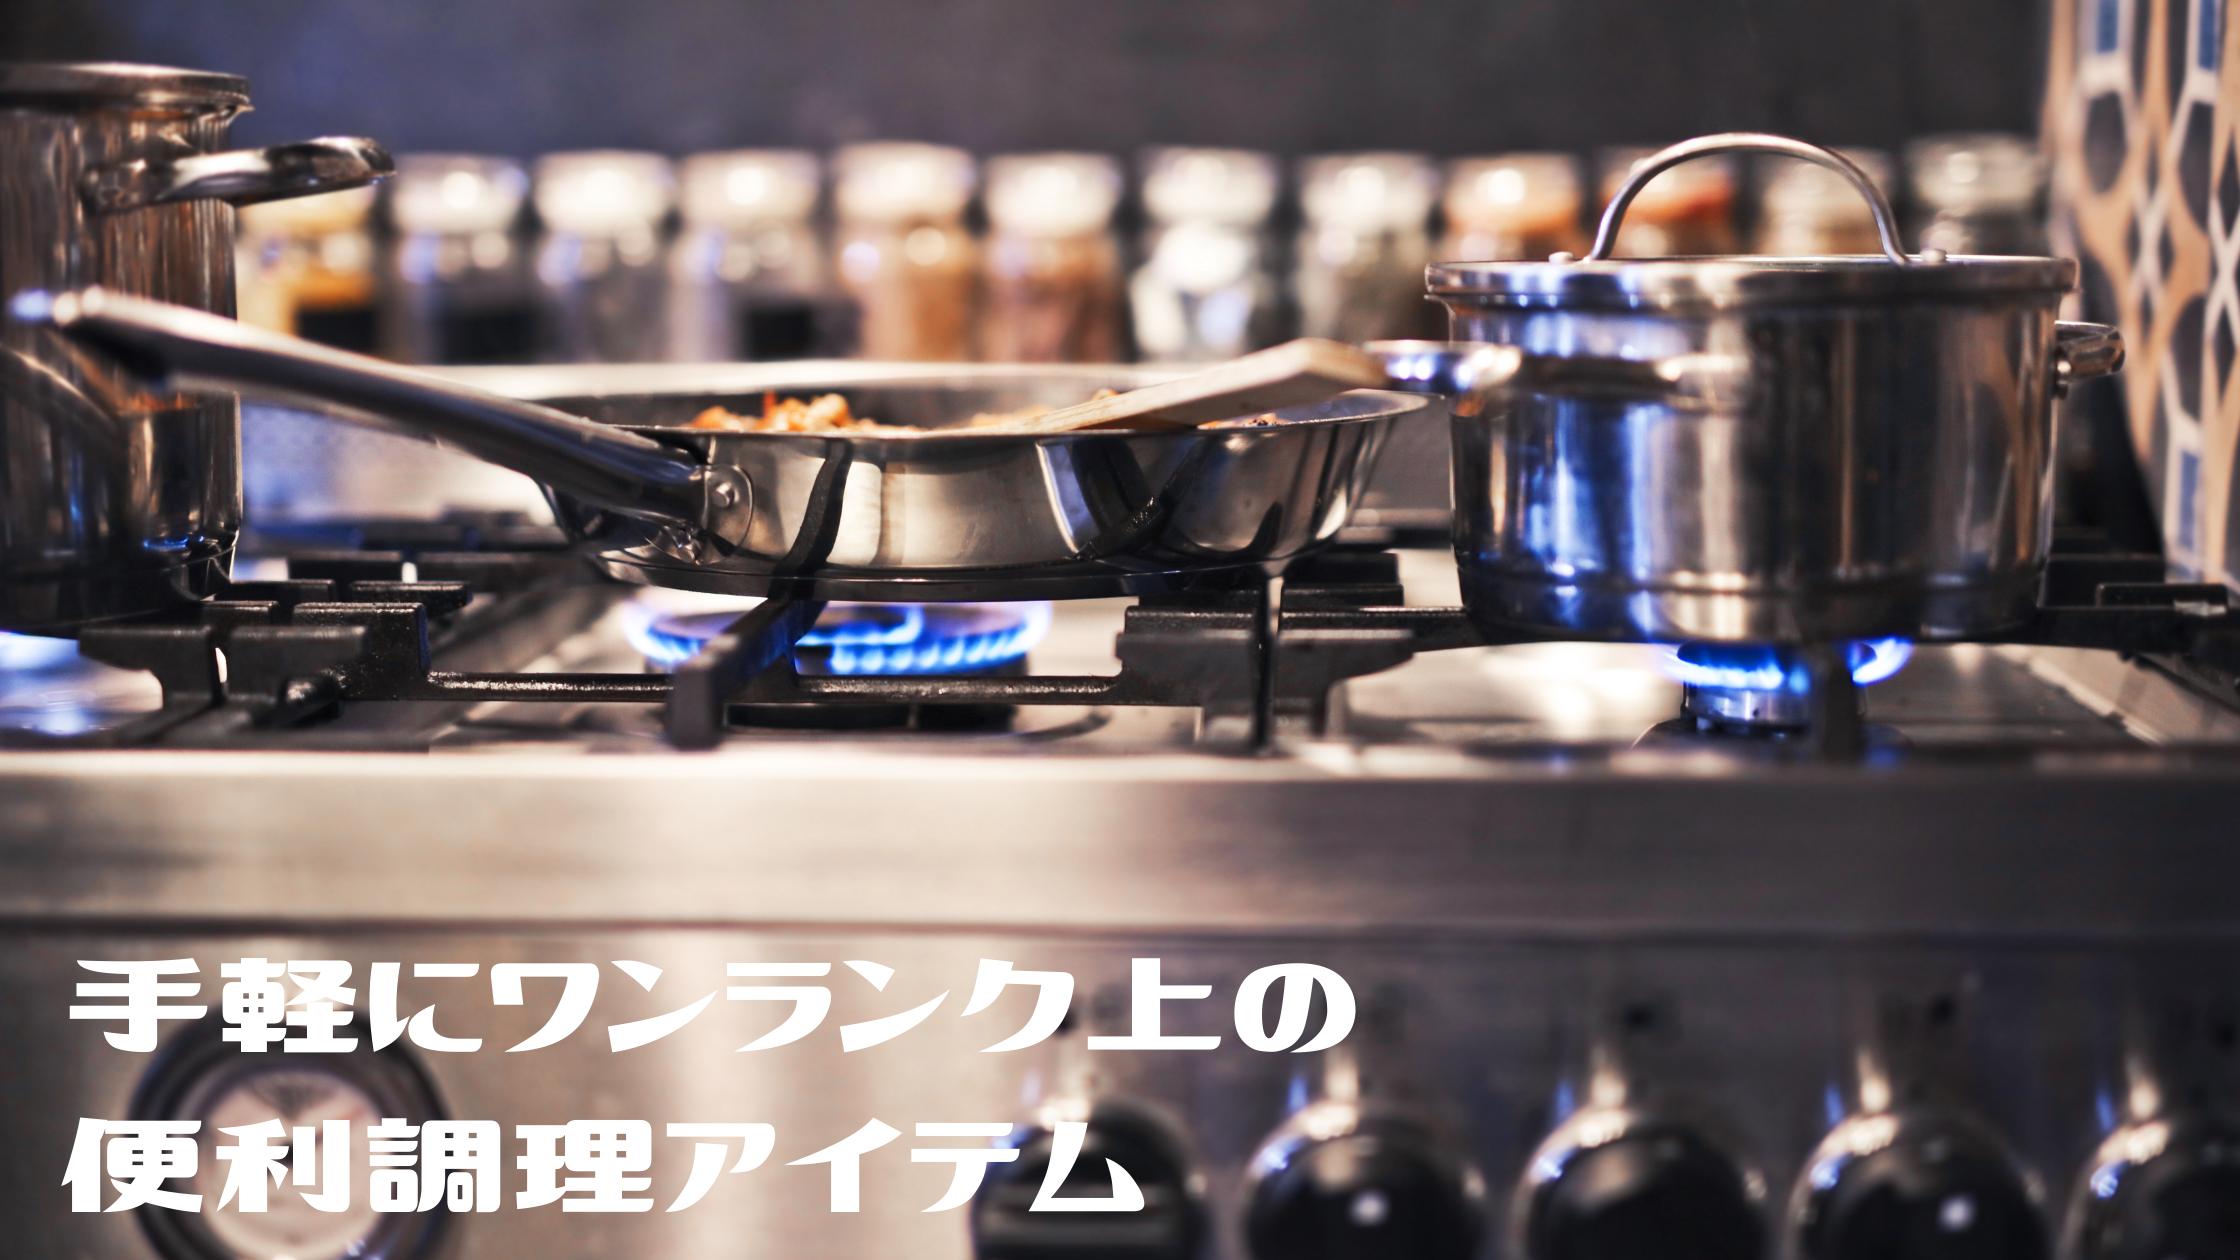 【めざましテレビ】おウチで楽しくワンランク上の便利調理グッズ!最新アイテムが続々登場